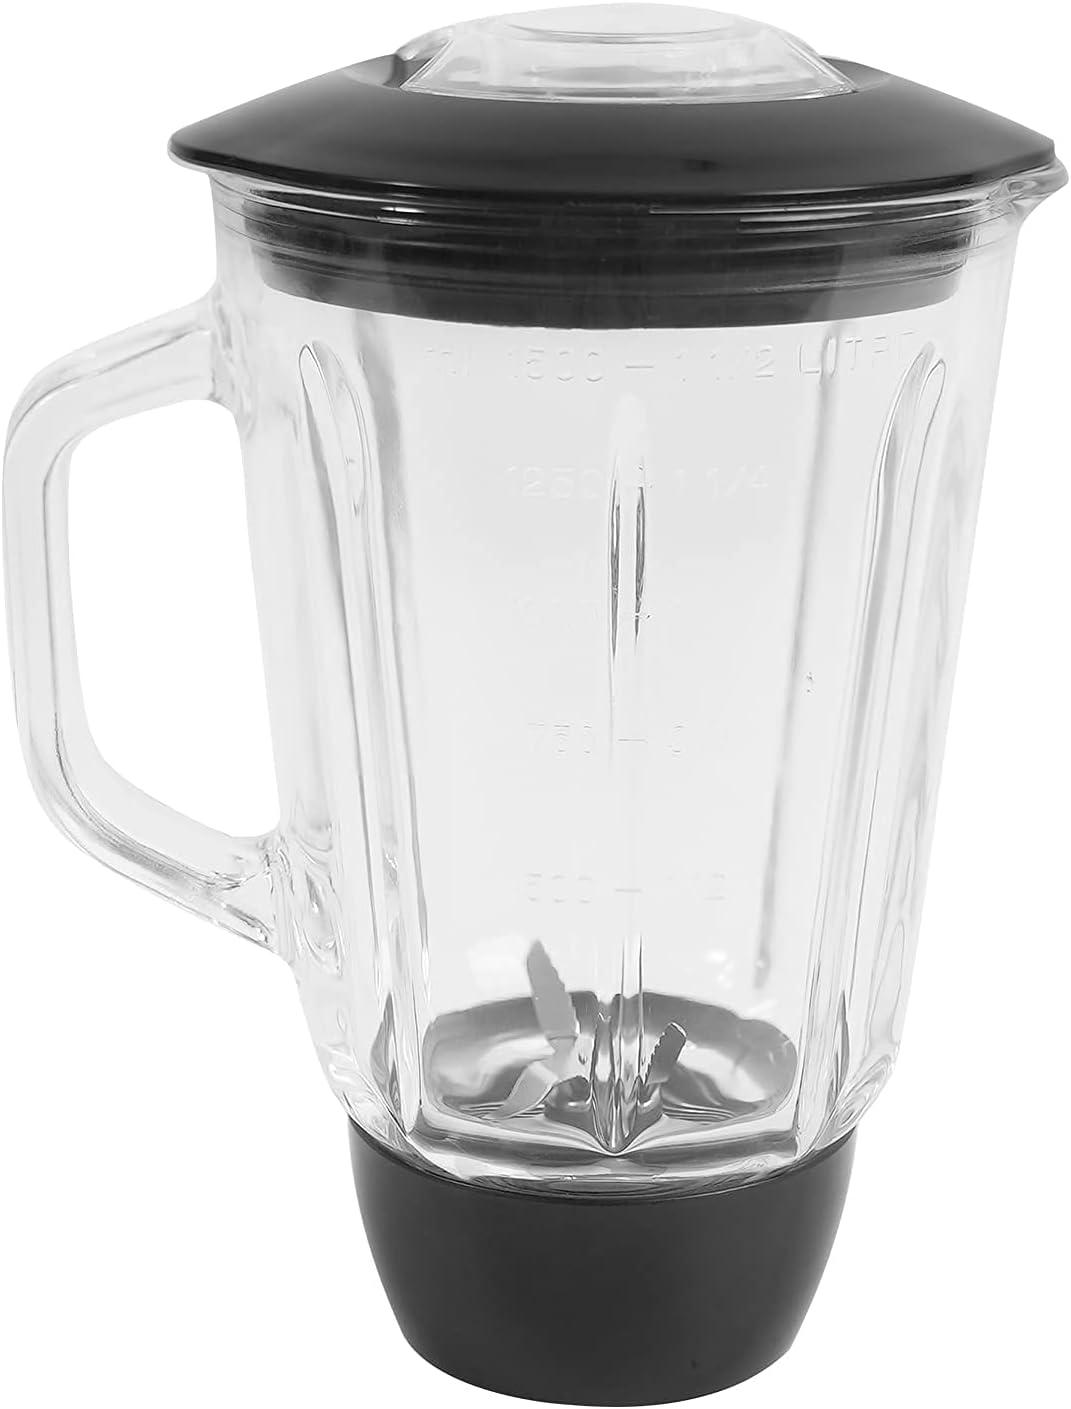 Blender Glass Jar, ACA Sturdy Glass Blender, Blender Pitcher Jar, 6 Bulges on the side, Stand Mixer Blender, 4 Measurements, Blender Attachment, 50.7 OZ, Blender Replacement Jar(Blender Only)